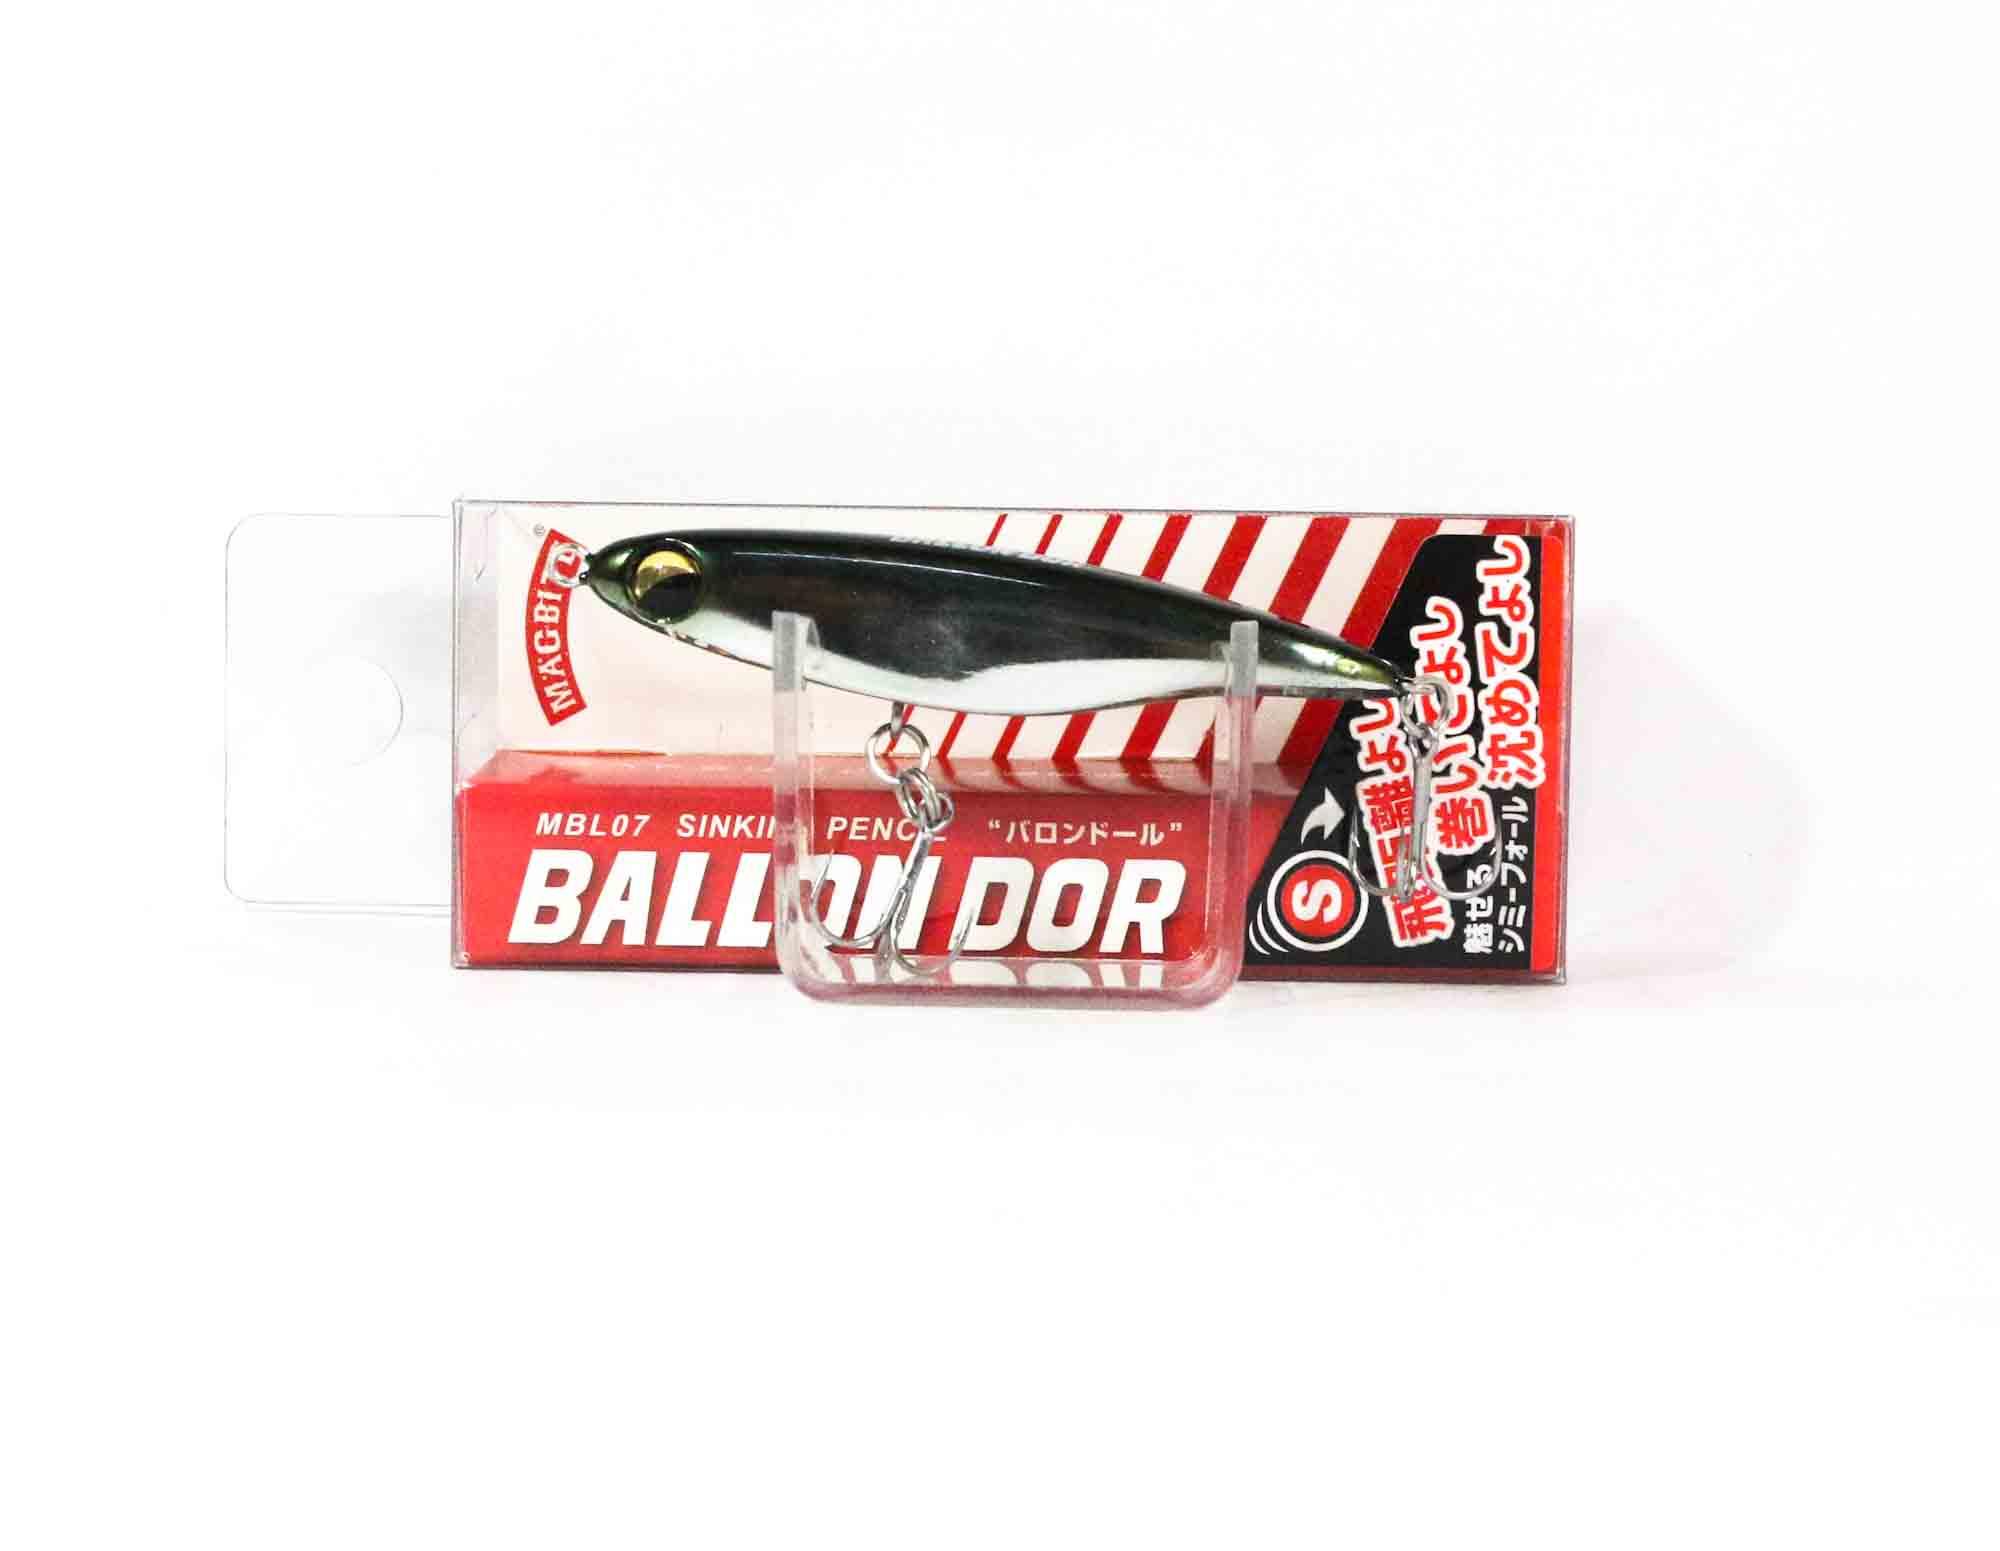 Harimitsu Mag Bite Ballon Dor Sinking Pencil Lure 4 grams (4863)